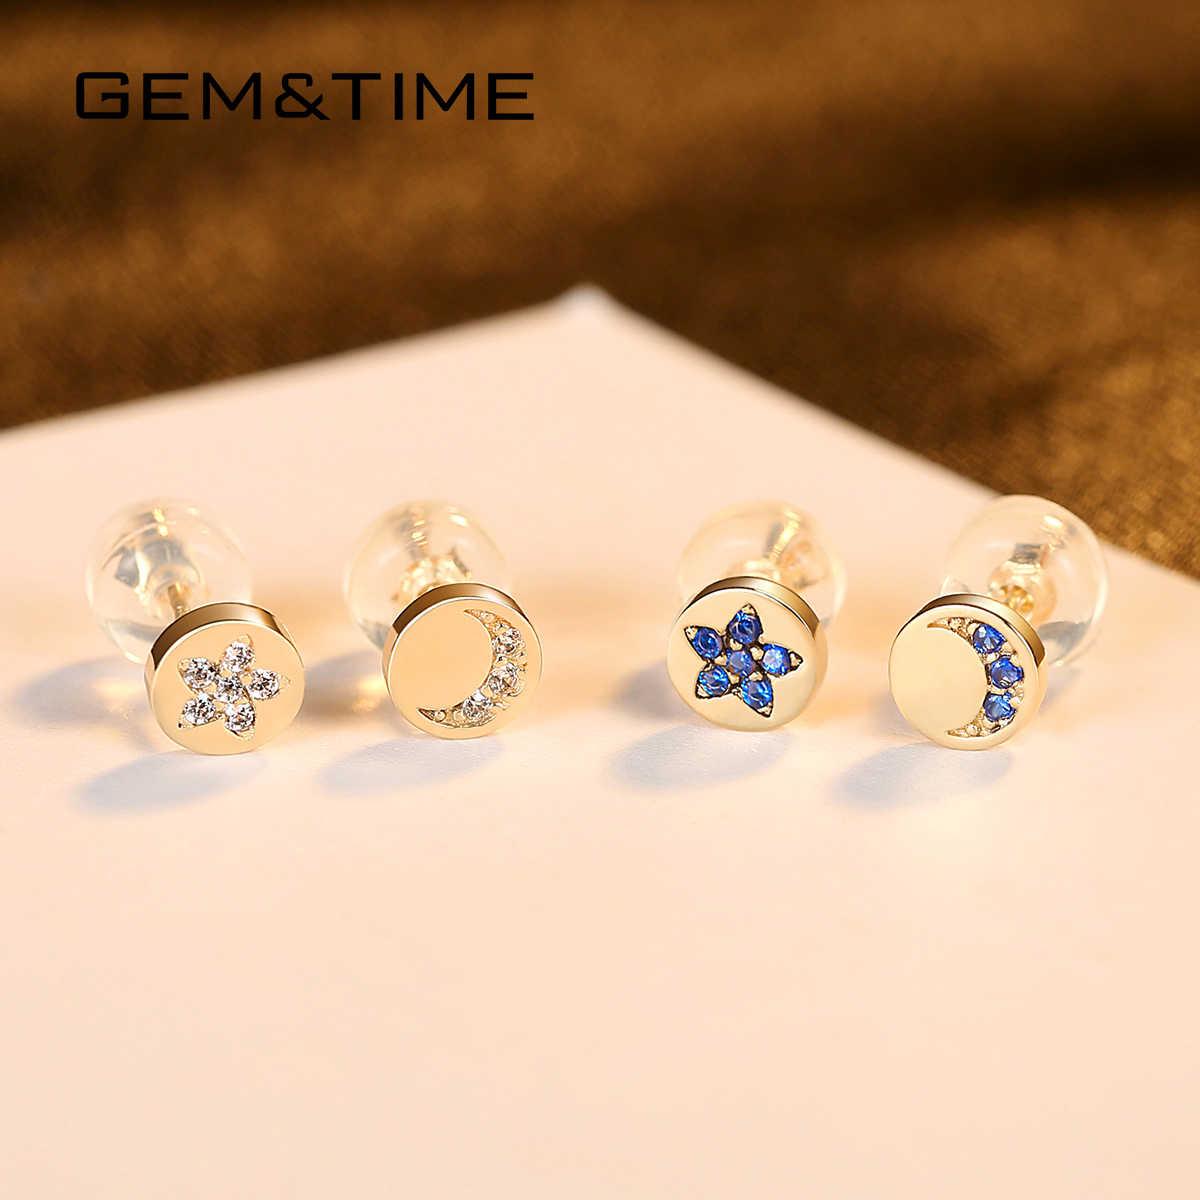 פנינה & זמן יוקרה אמיתי 14k זהב 585 עגילי ספיר כוכב & מו עגילים לנשים תכשיטים ואבני חן bijoux En או פור E14926